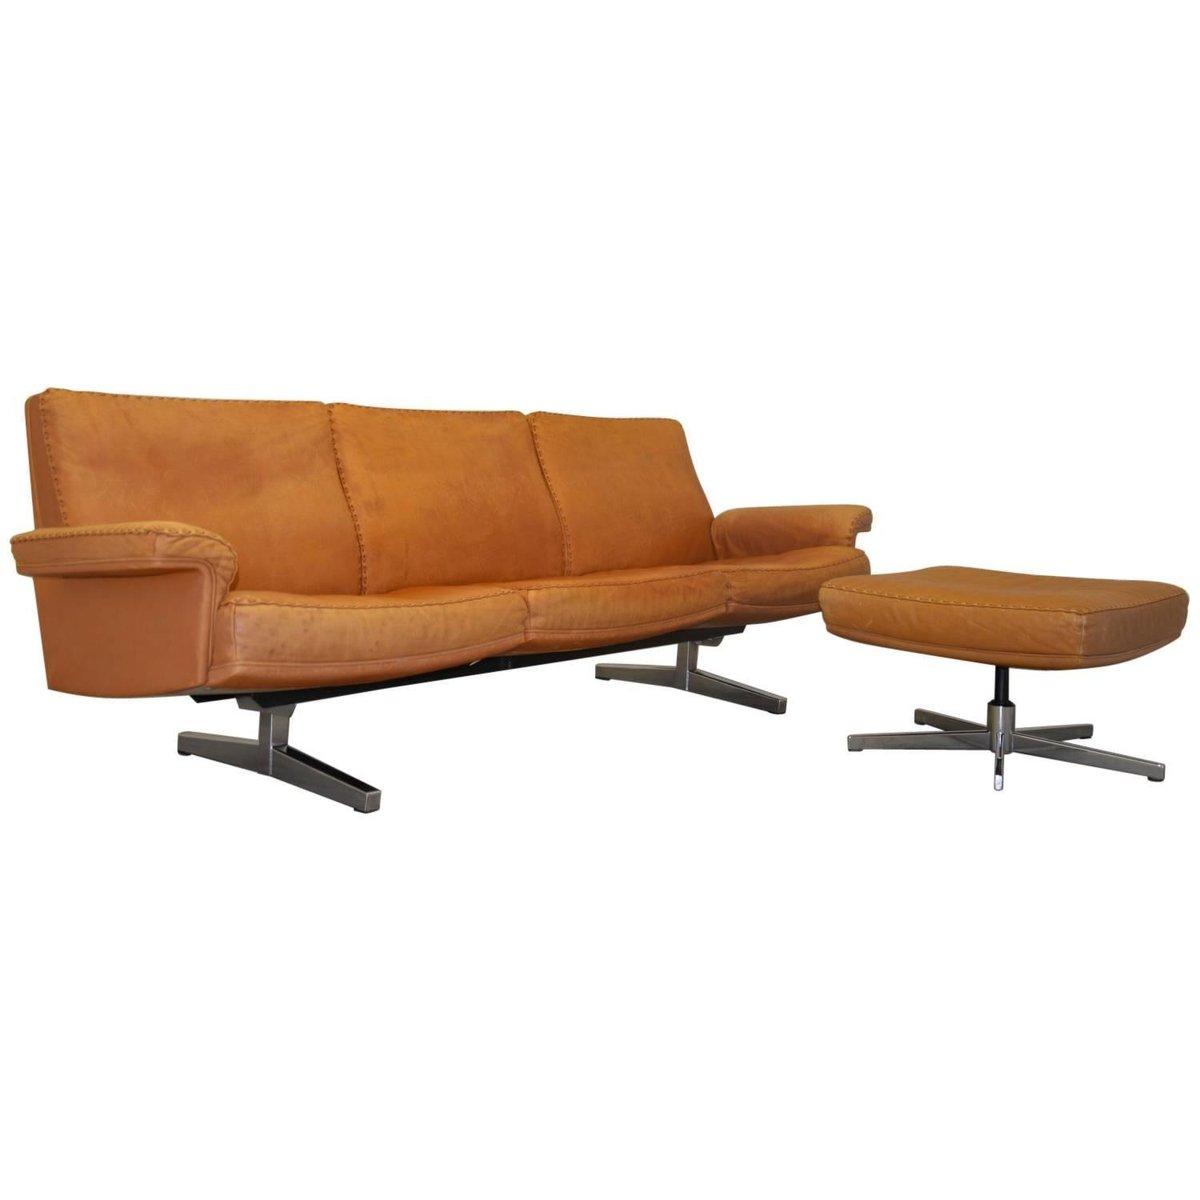 hocker fr sofa great hocker couchtisch beautiful couchtisch quadratisch holz dunkel mit ablage. Black Bedroom Furniture Sets. Home Design Ideas